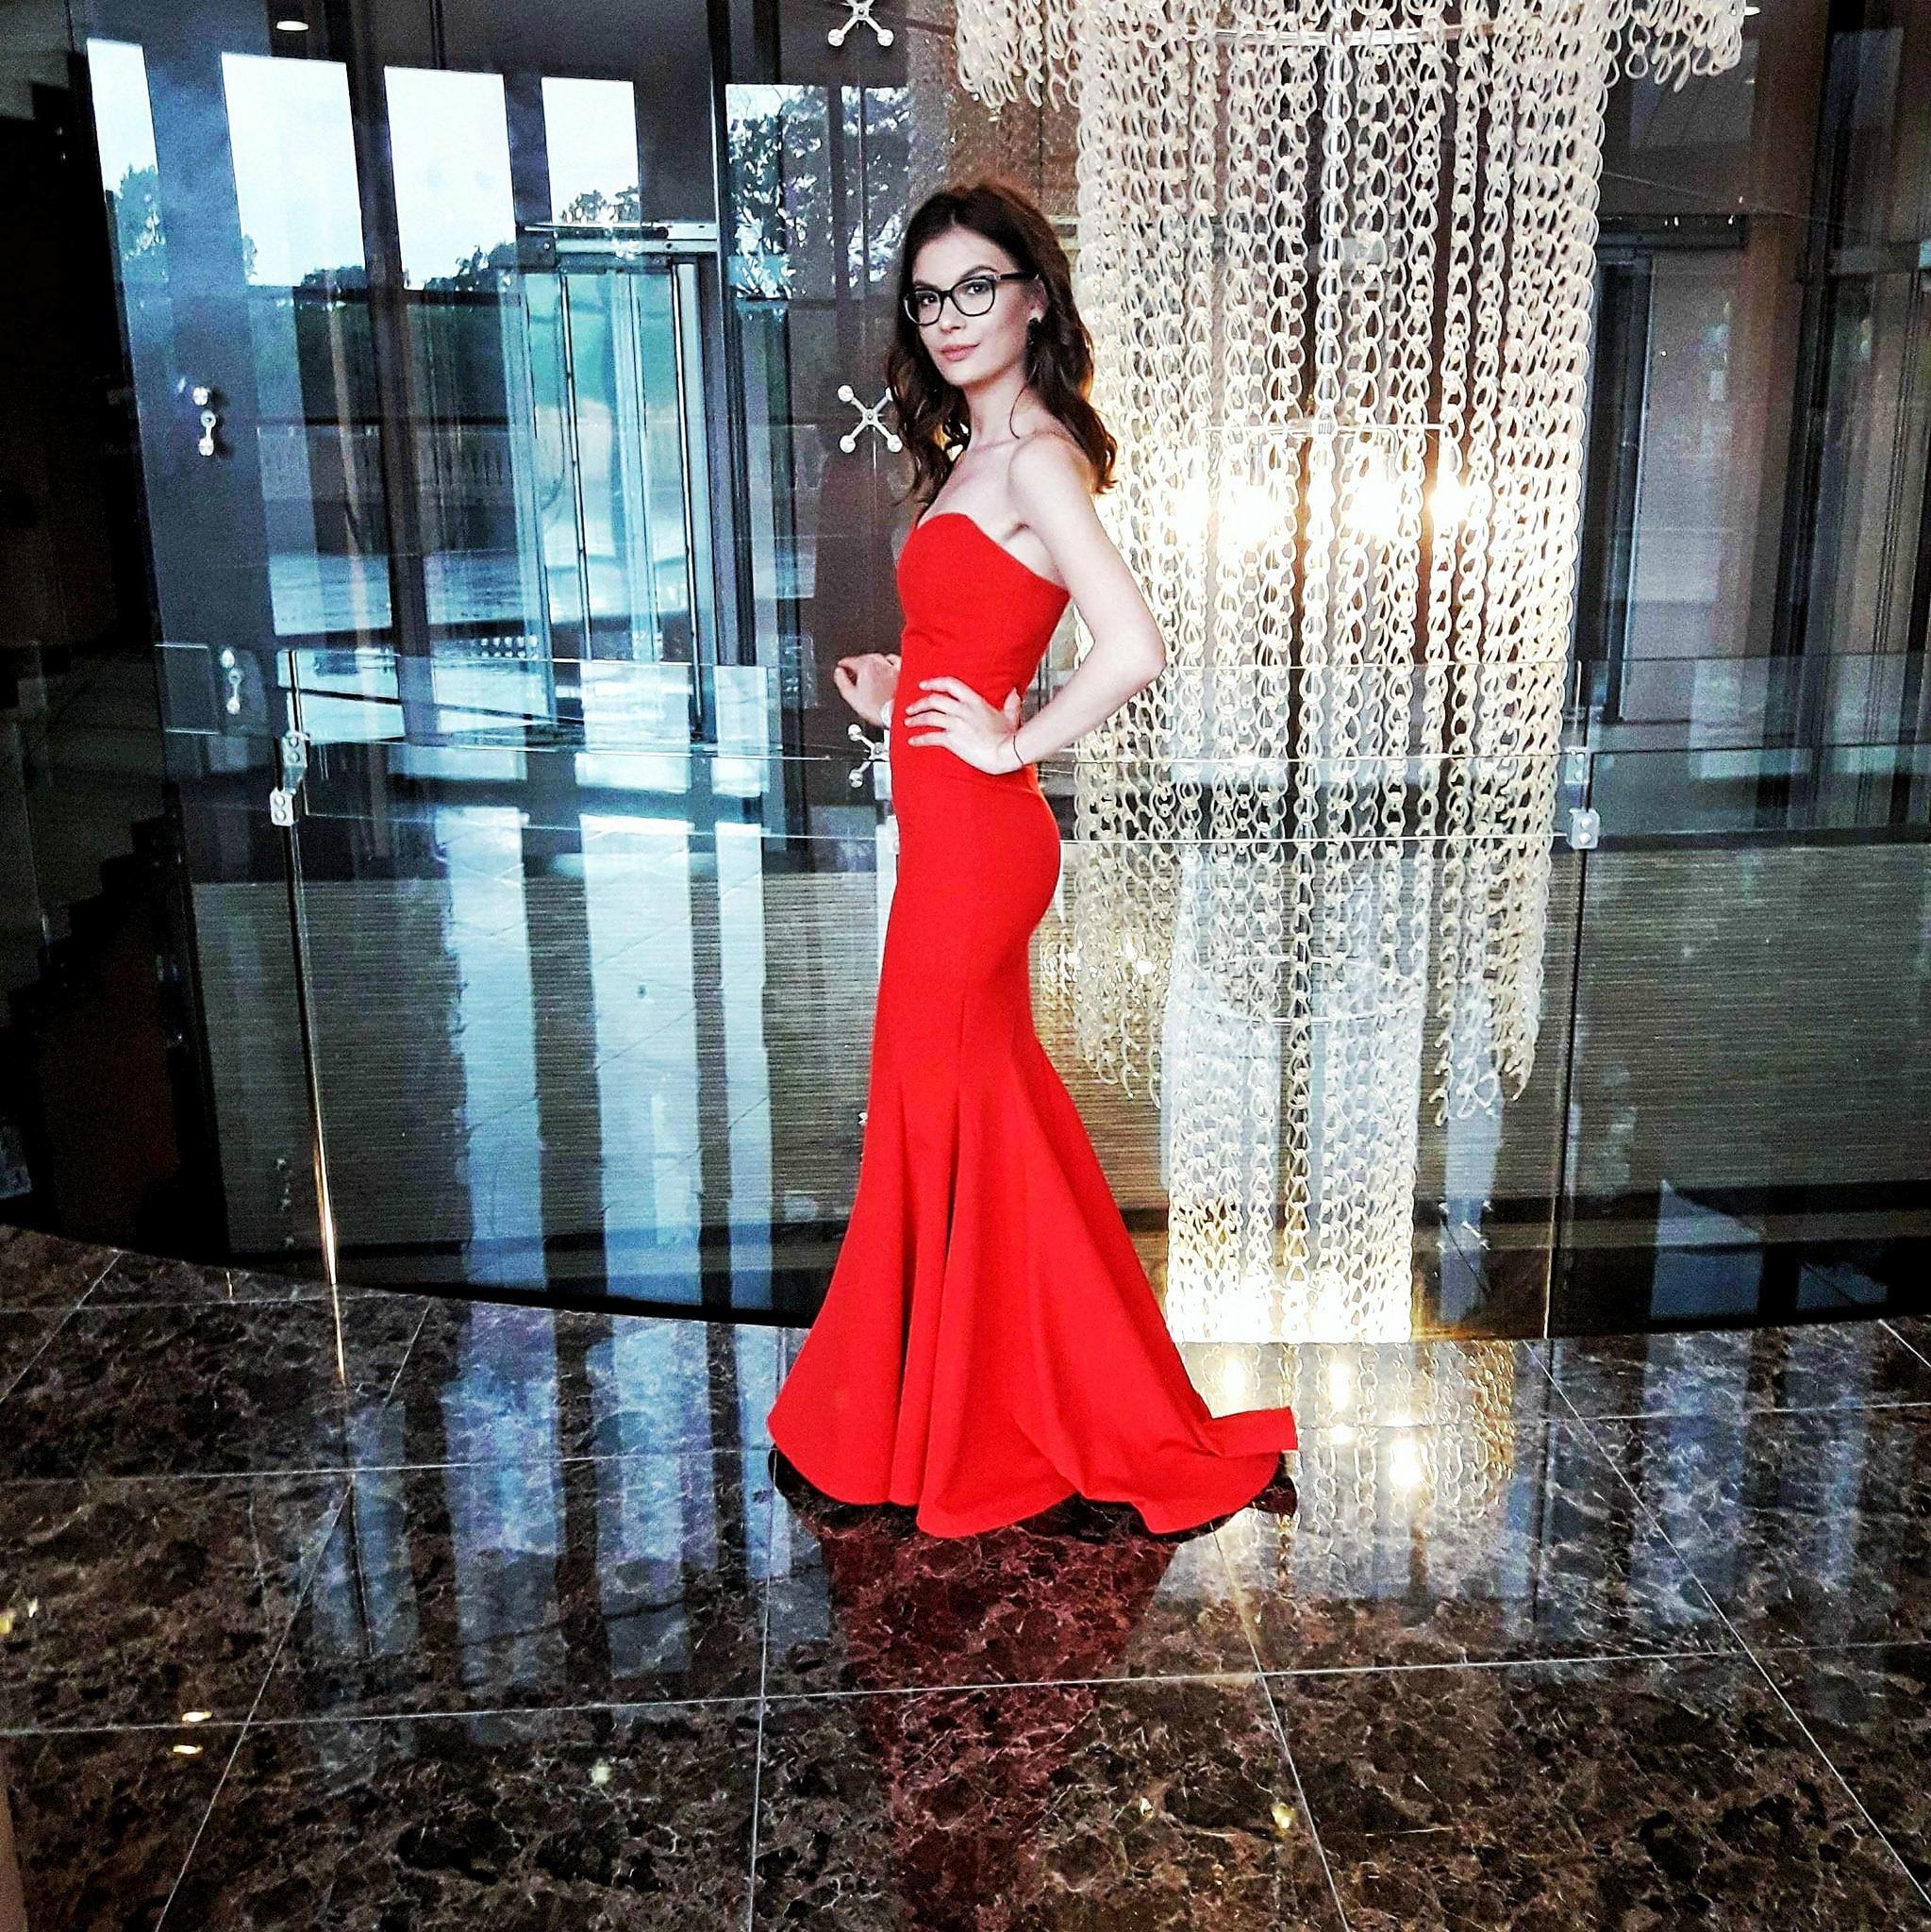 rochie sirena rosie banchet angeatelier cliente